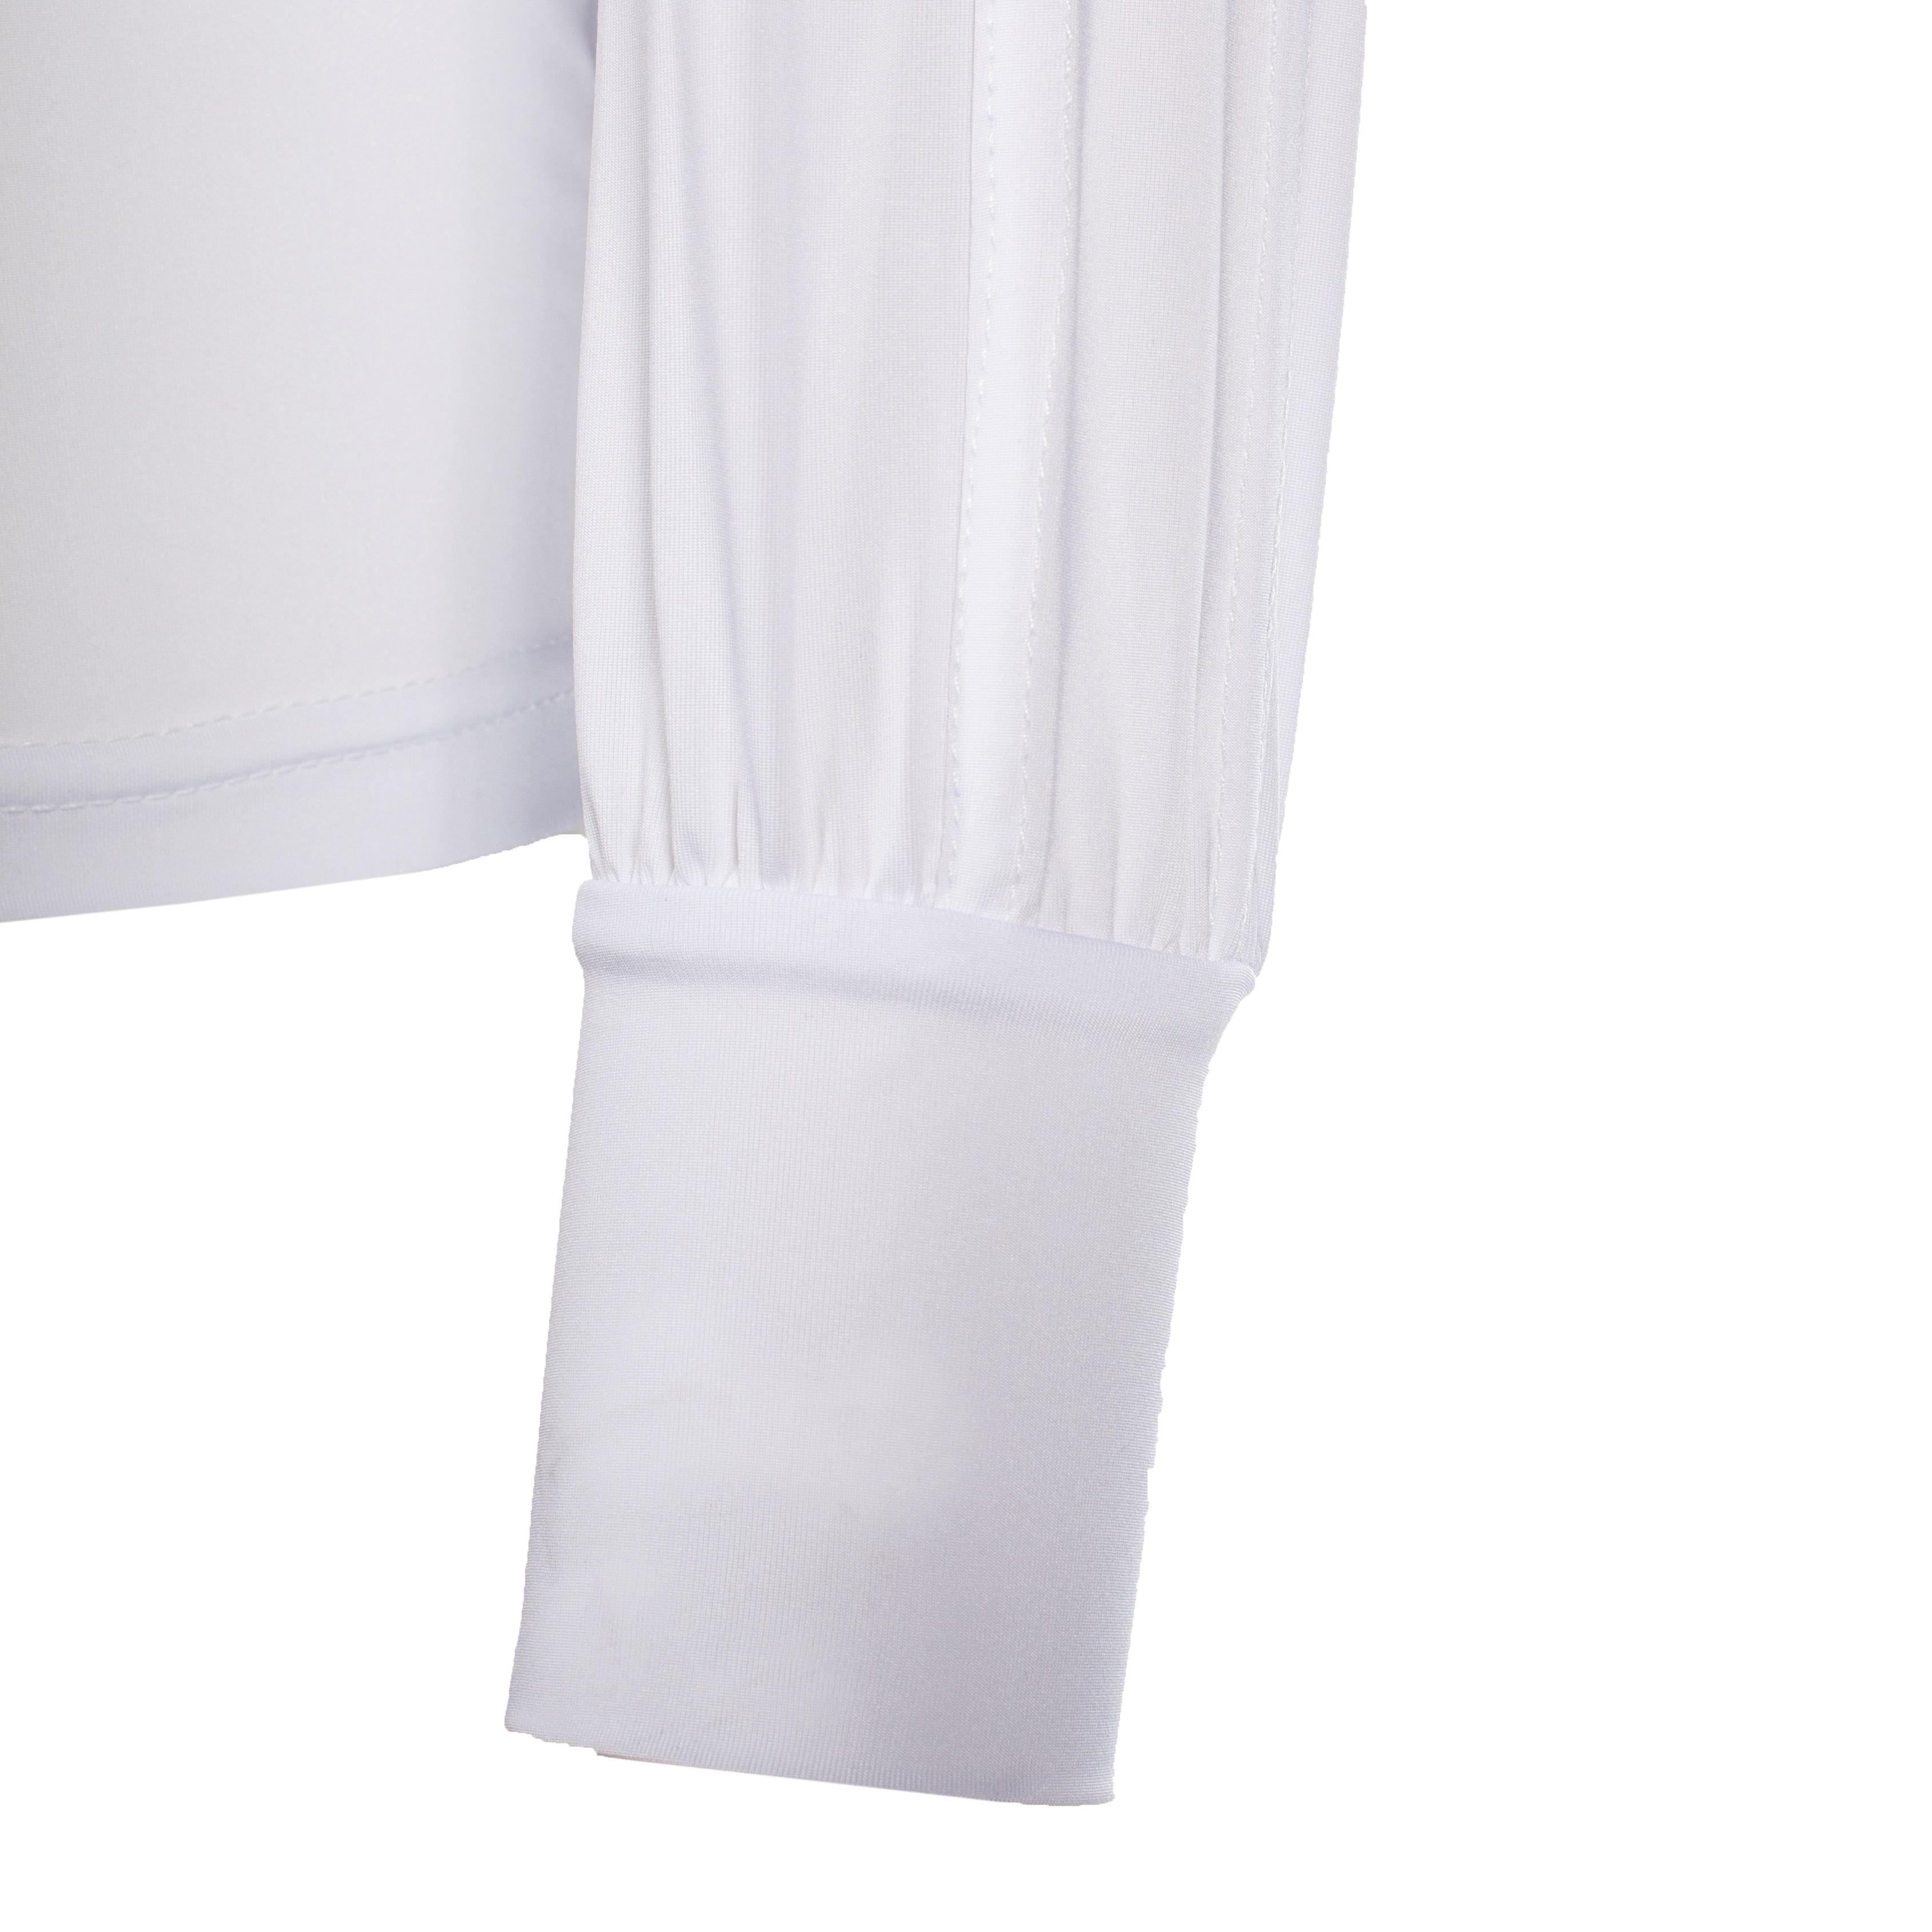 TKO - Pitkähihainen paita, elastaania